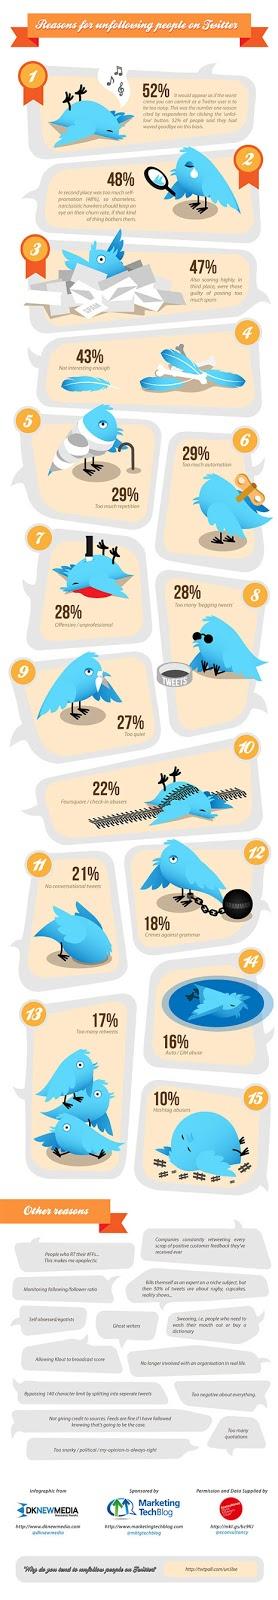 Infografia sobre els seguidors o followers a Twitter